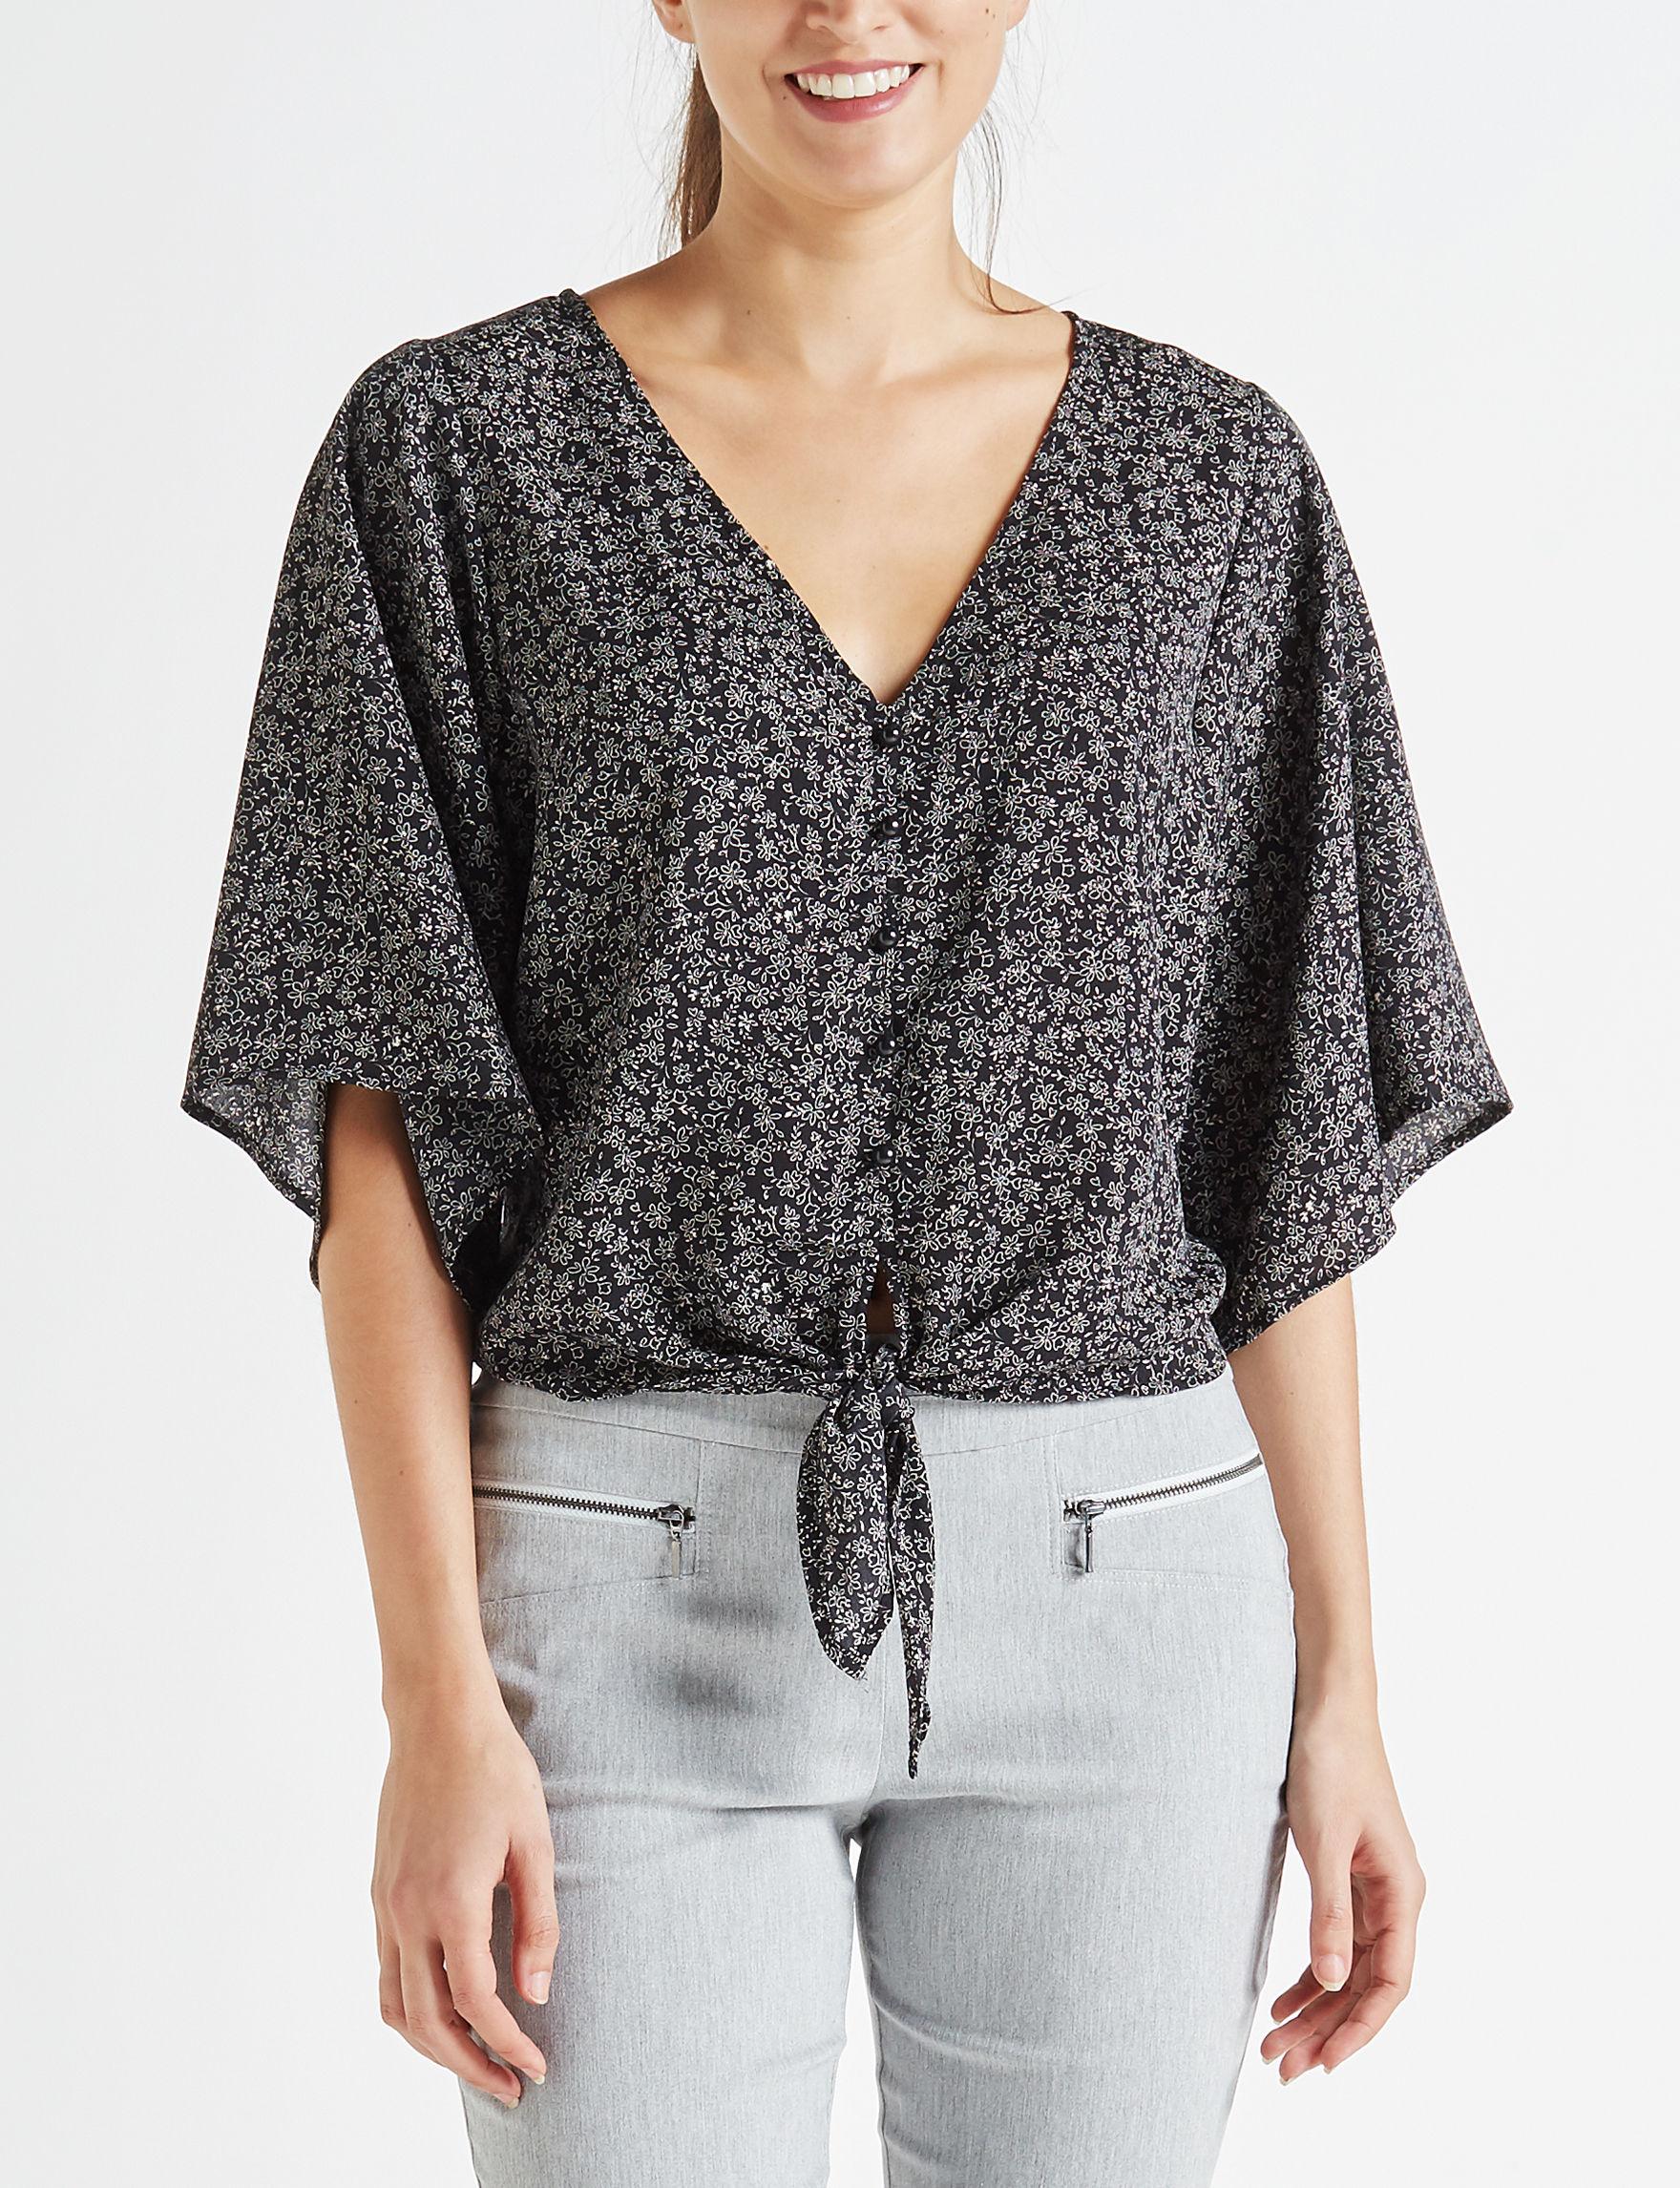 Leighton Black Shirts & Blouses